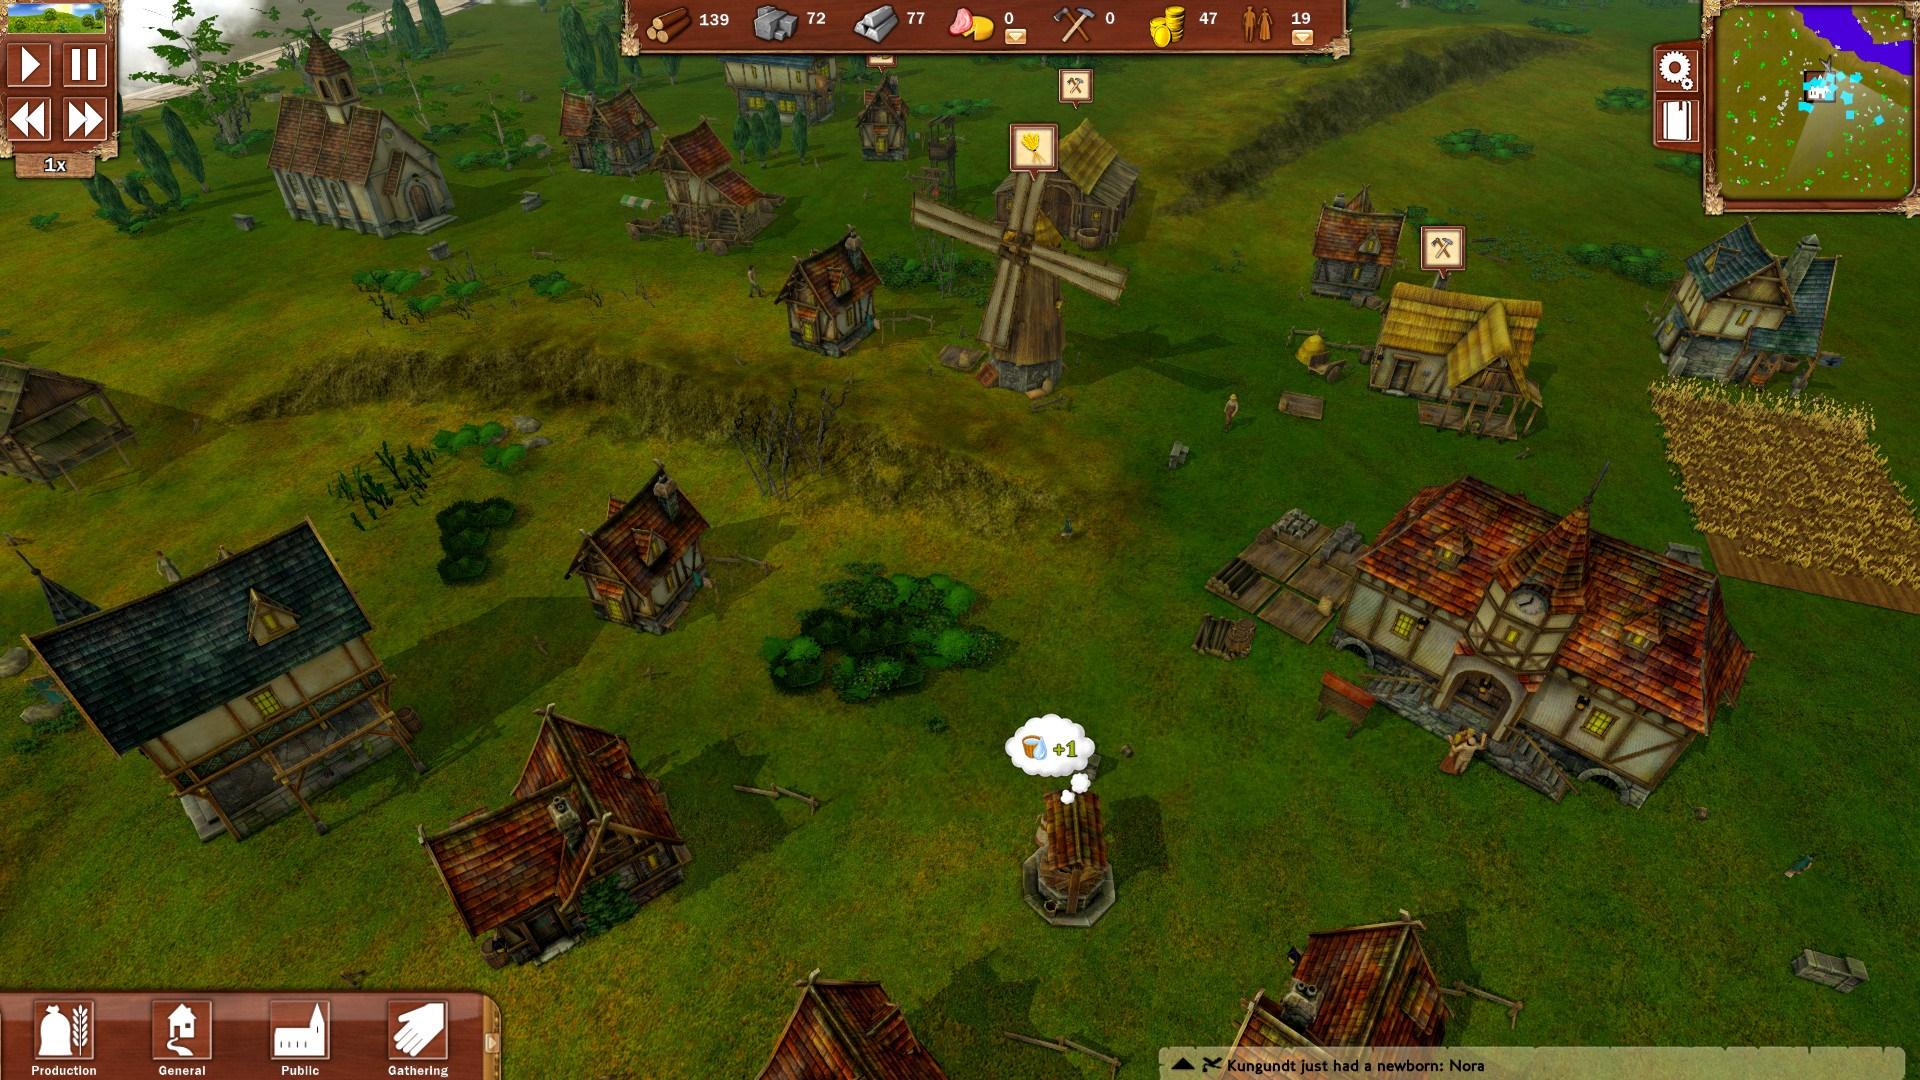 [GameSessions] Villagers: Mittelalterliche Aufbau- und Menschensimulation gratis